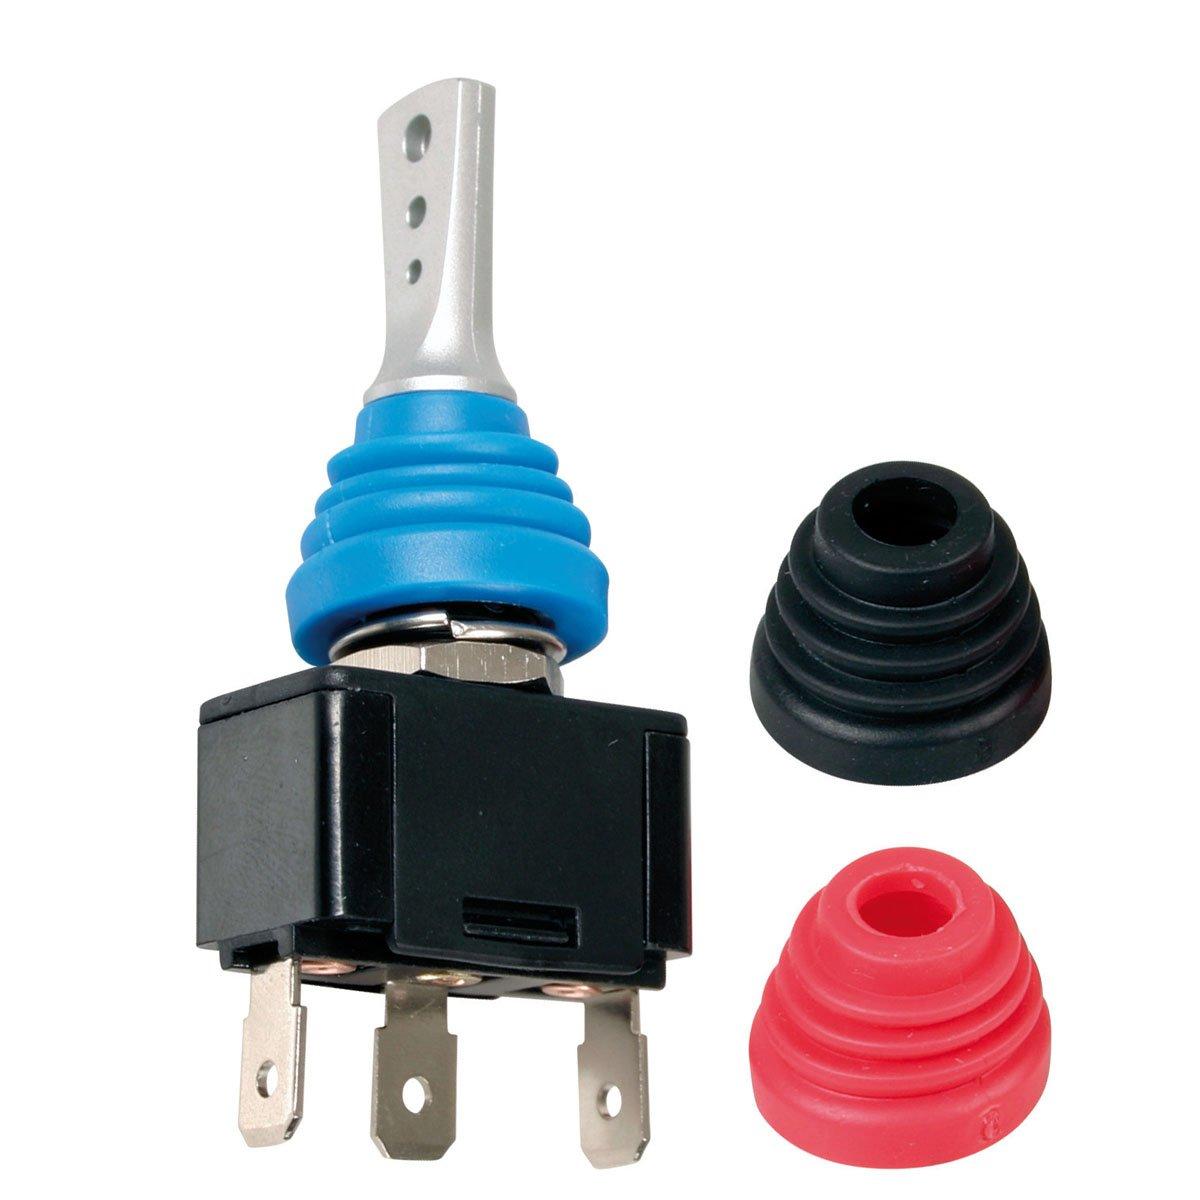 Lampa Interruttore a leva con cuffie intercambiabili, 12-24V, max 20 A LA_45583